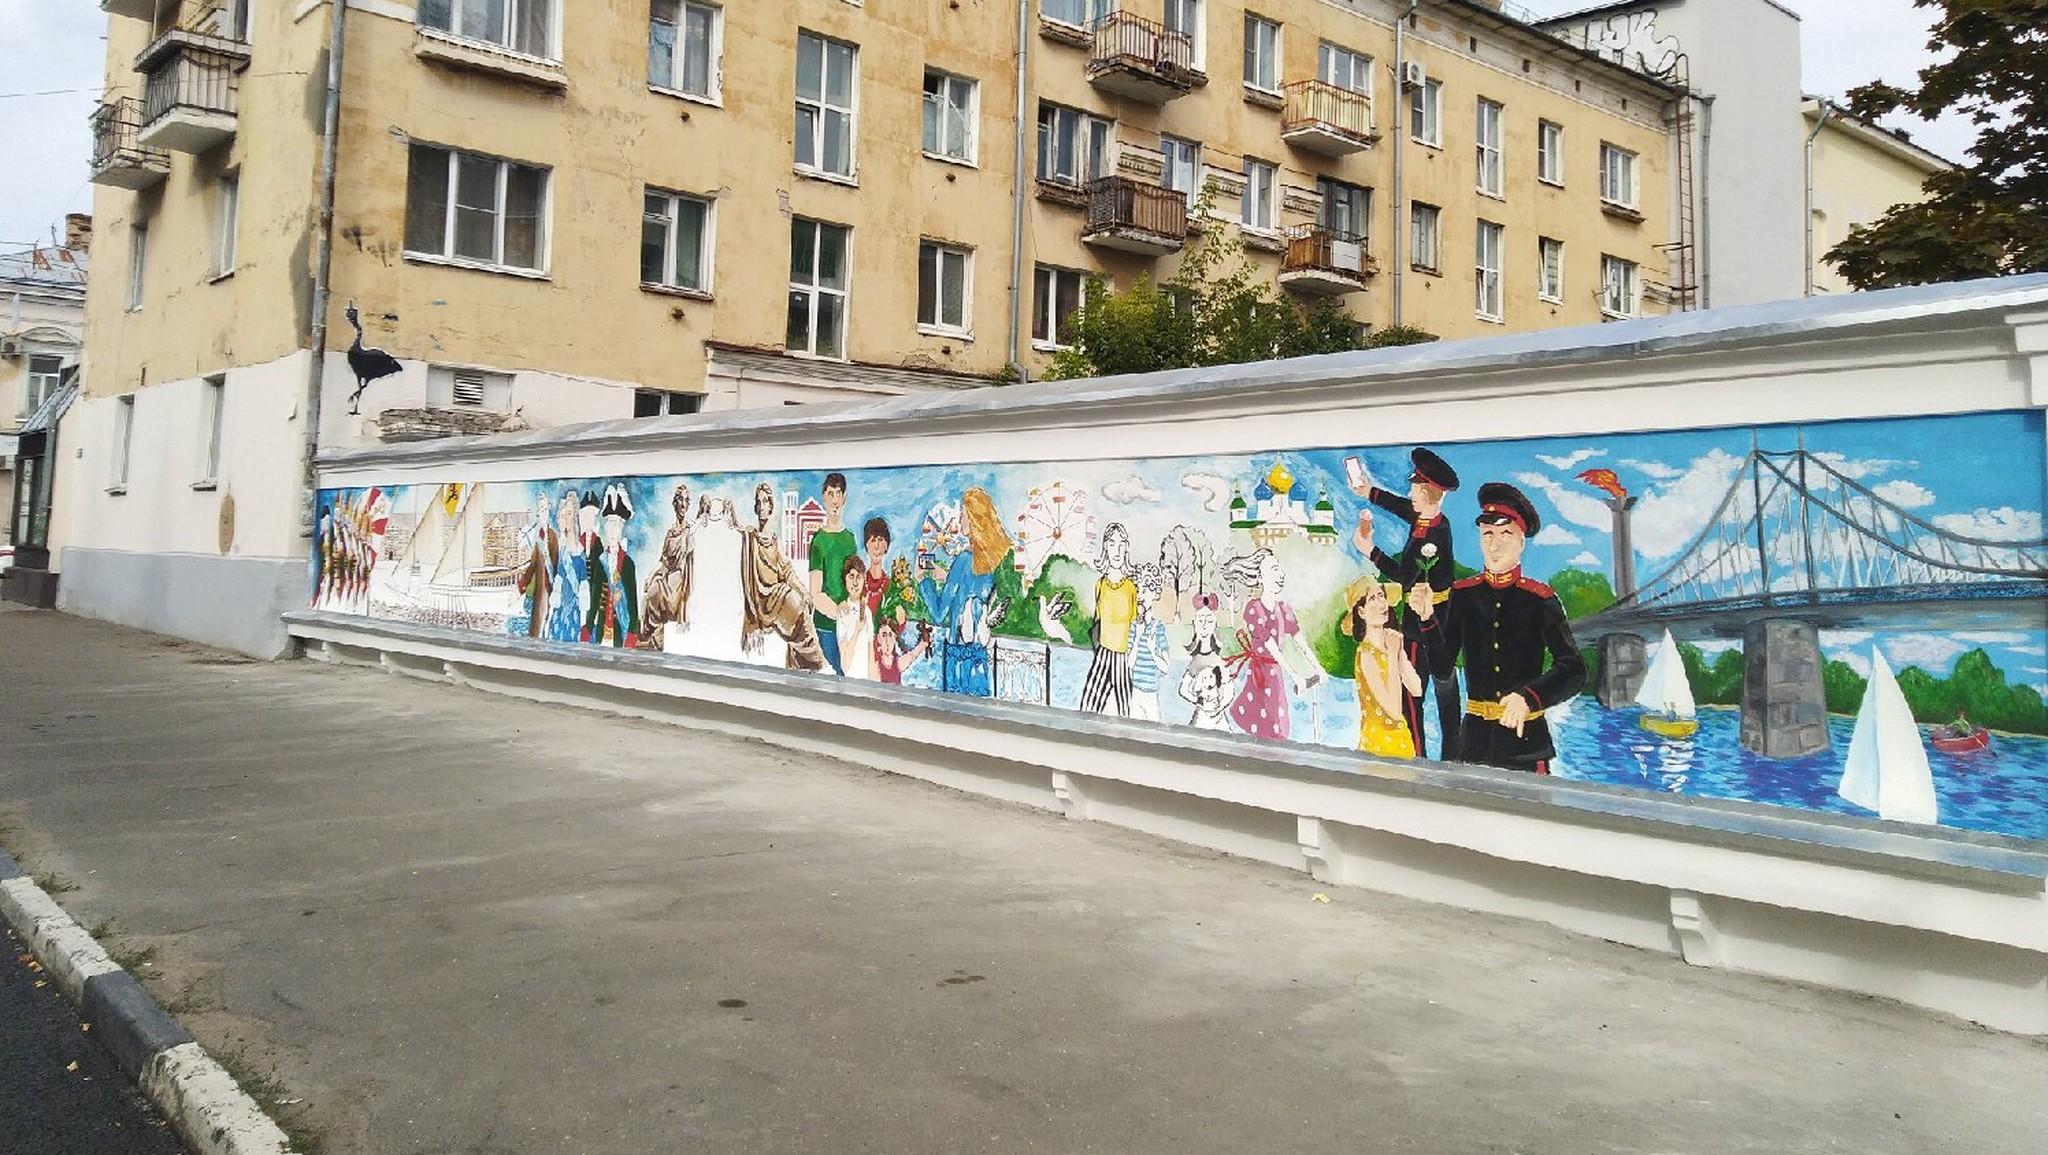 Дети расписали стену, посвятив рисунки Екатерине Великой и Твери